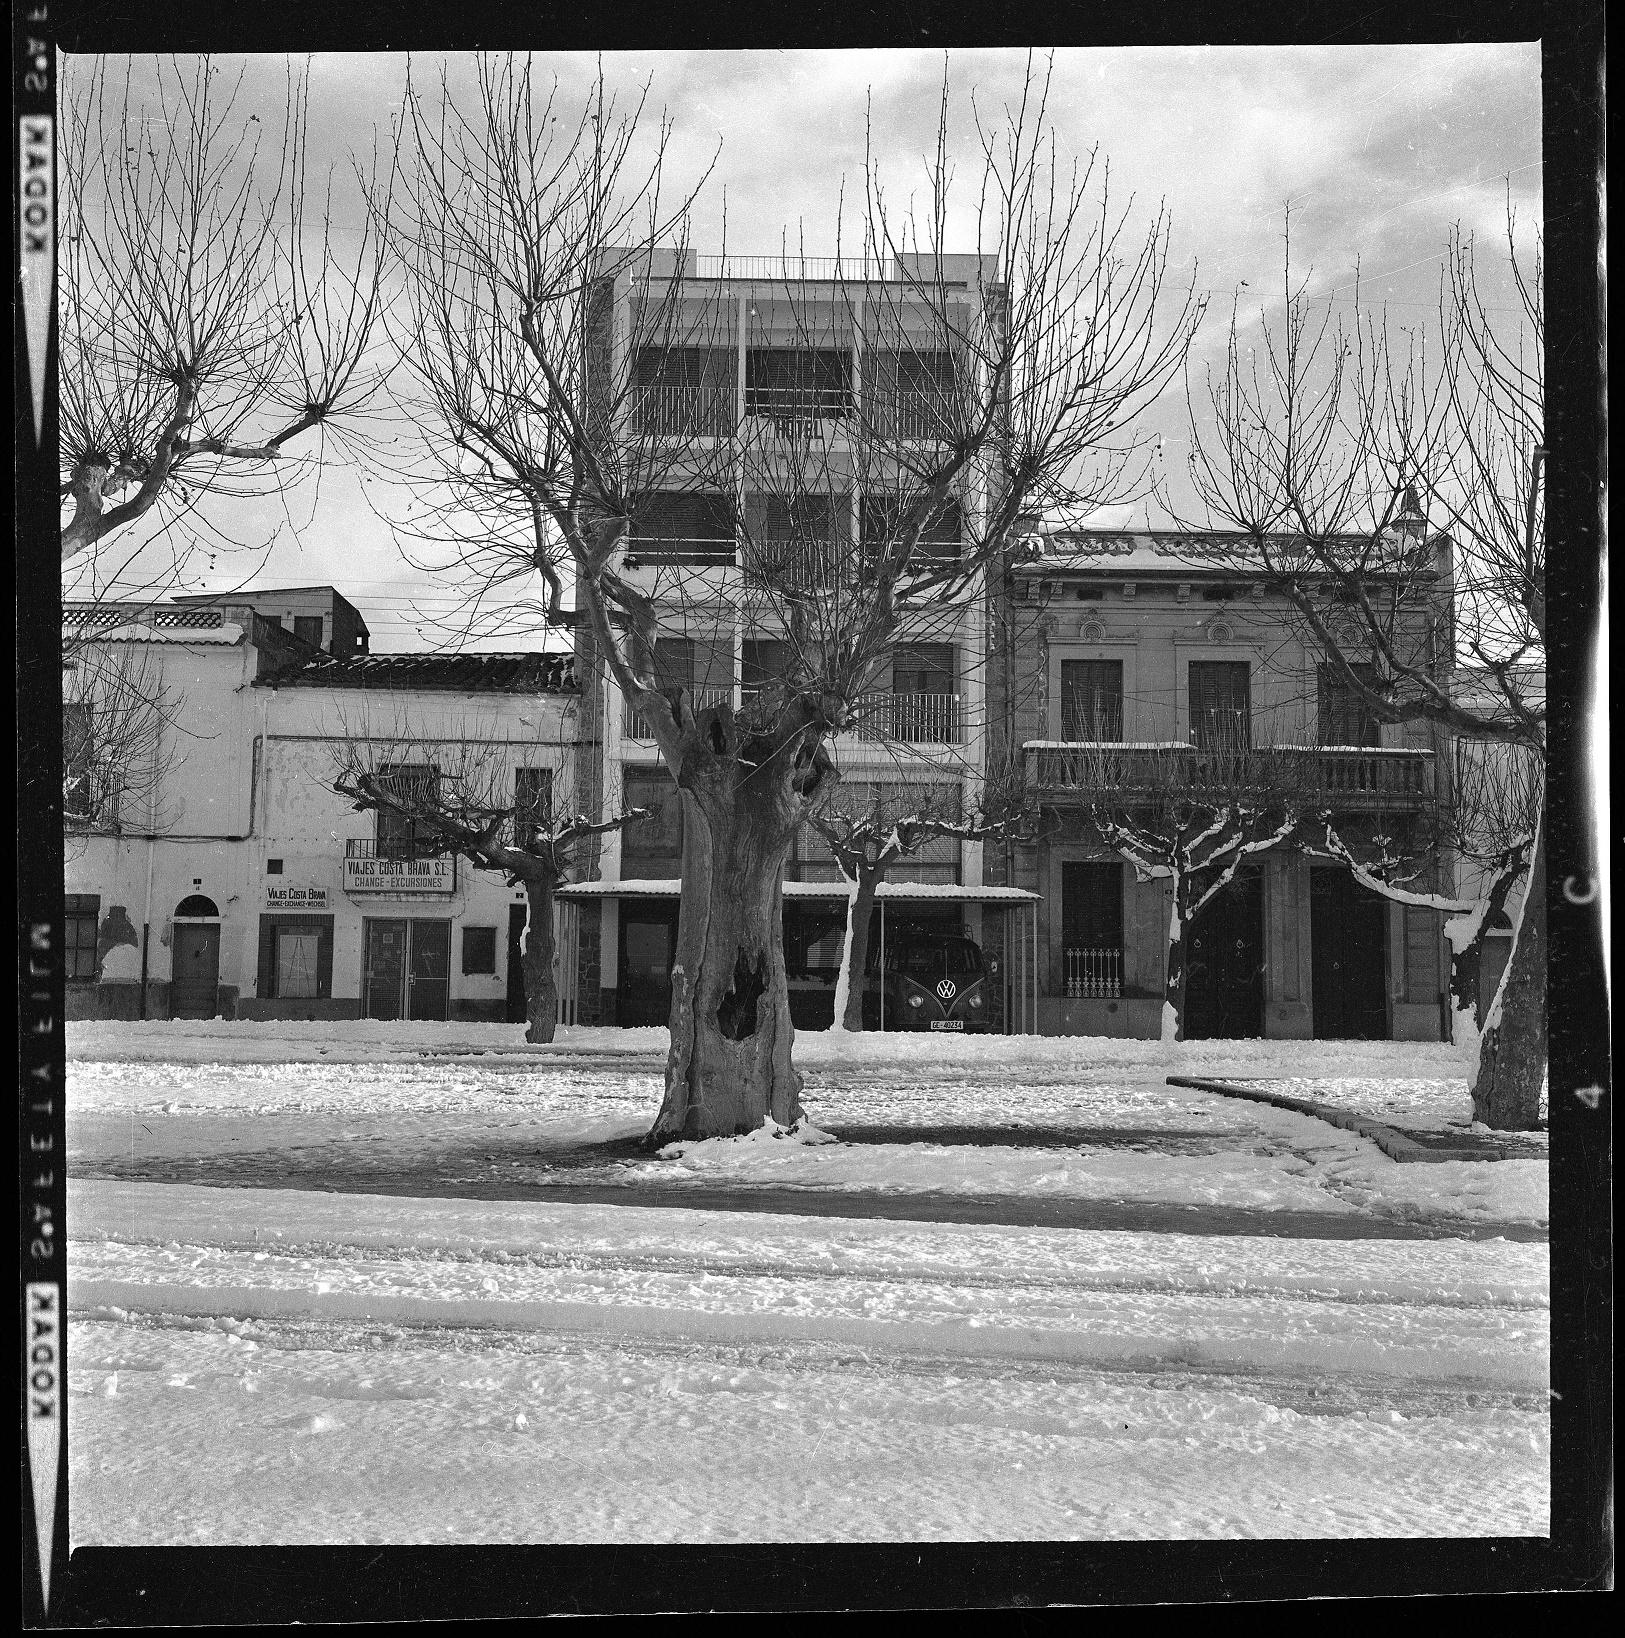 Una imatge de la nevada de Nadal de 1962 a Roses, Document del Mes de l'AMR